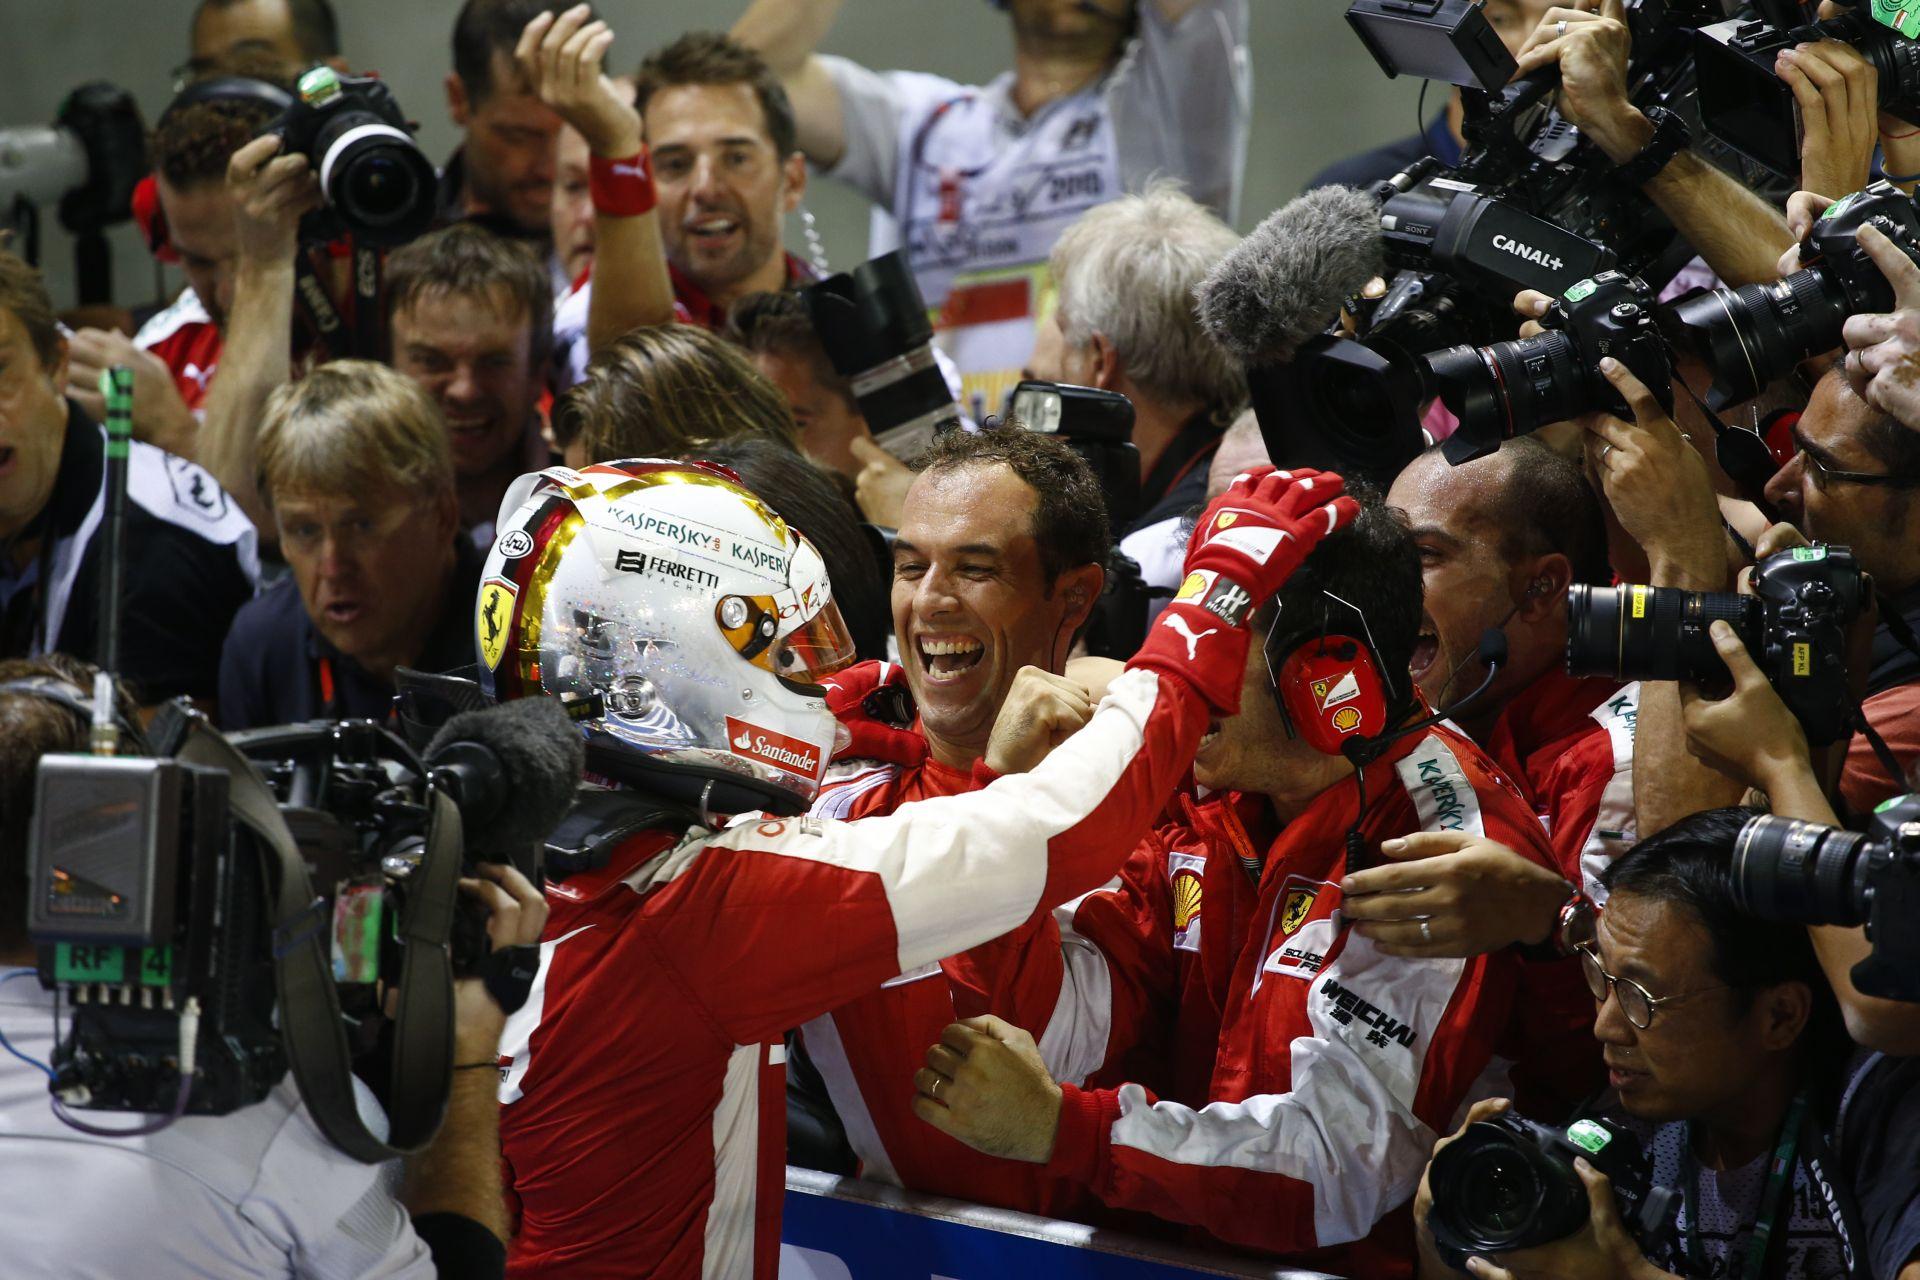 ÉLŐ F1-ES MŰSOR: Vettel lesz 2015 Forma-1 bajnoka? Button távozik? Hamilton összeomlik?